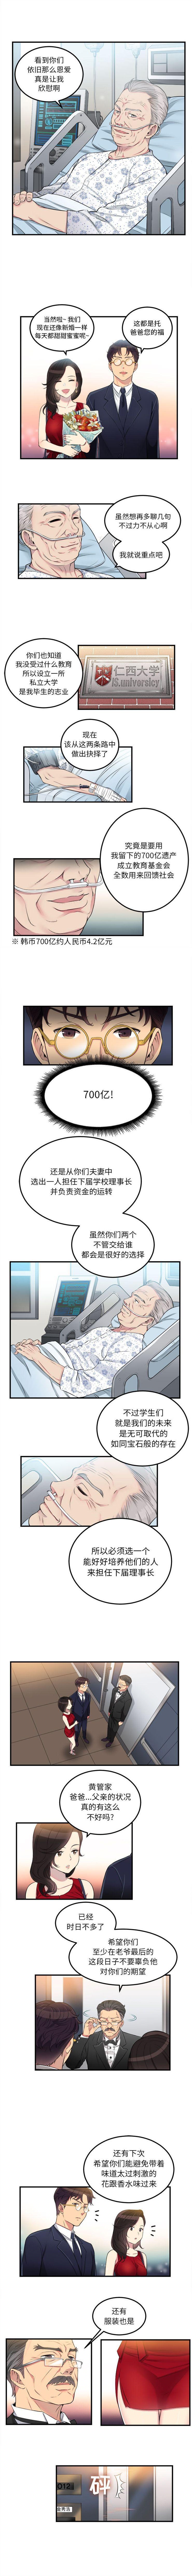 由莉的秘密1-60 中文翻译 (更新中) 40